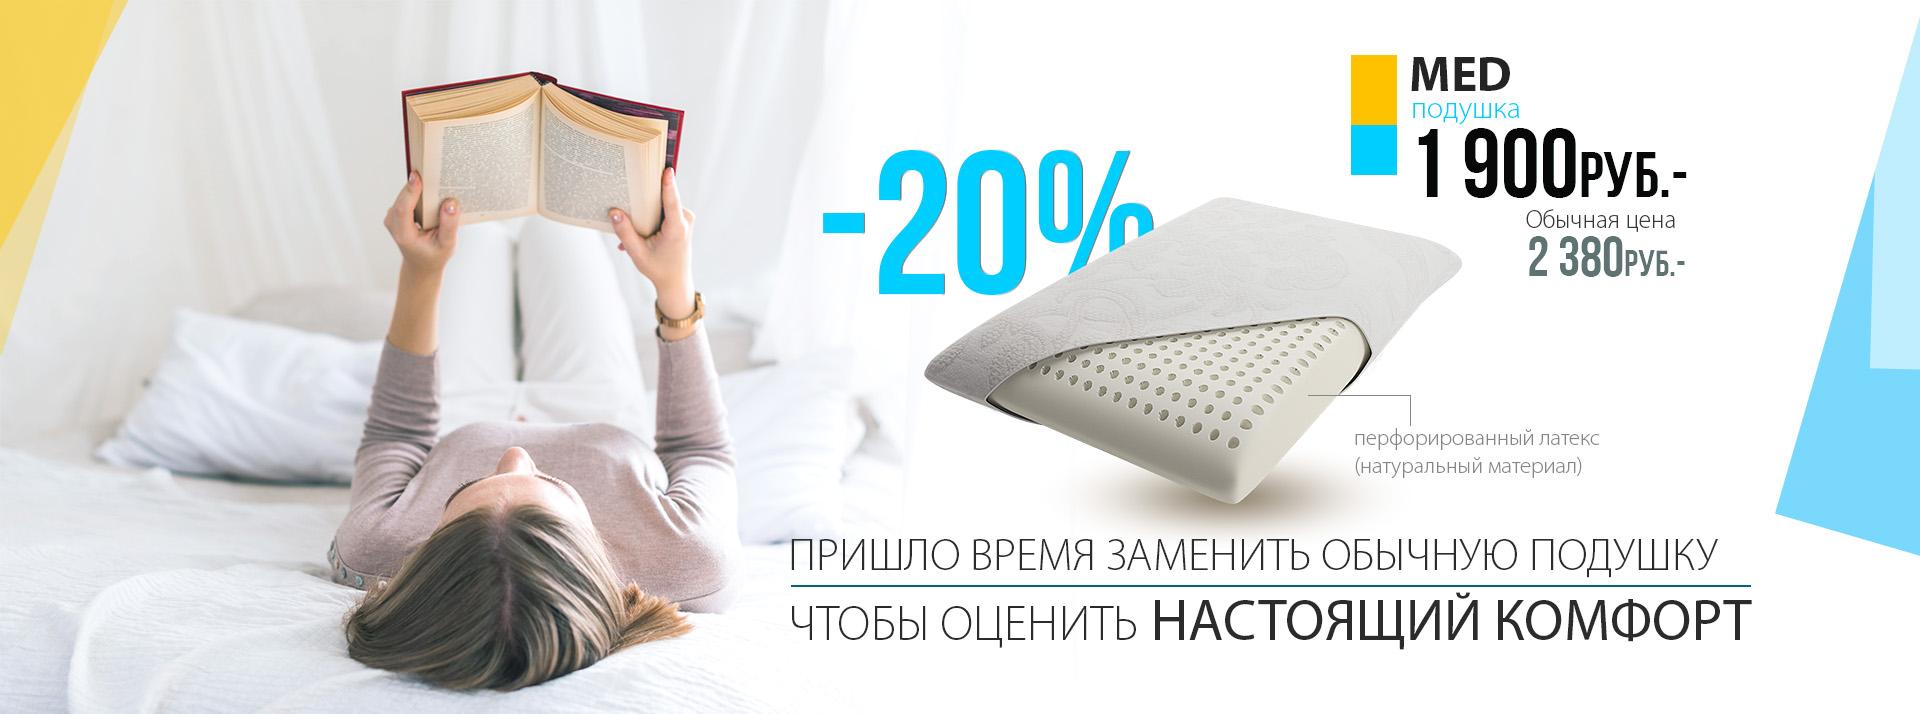 Наматрасники ульяновск купить